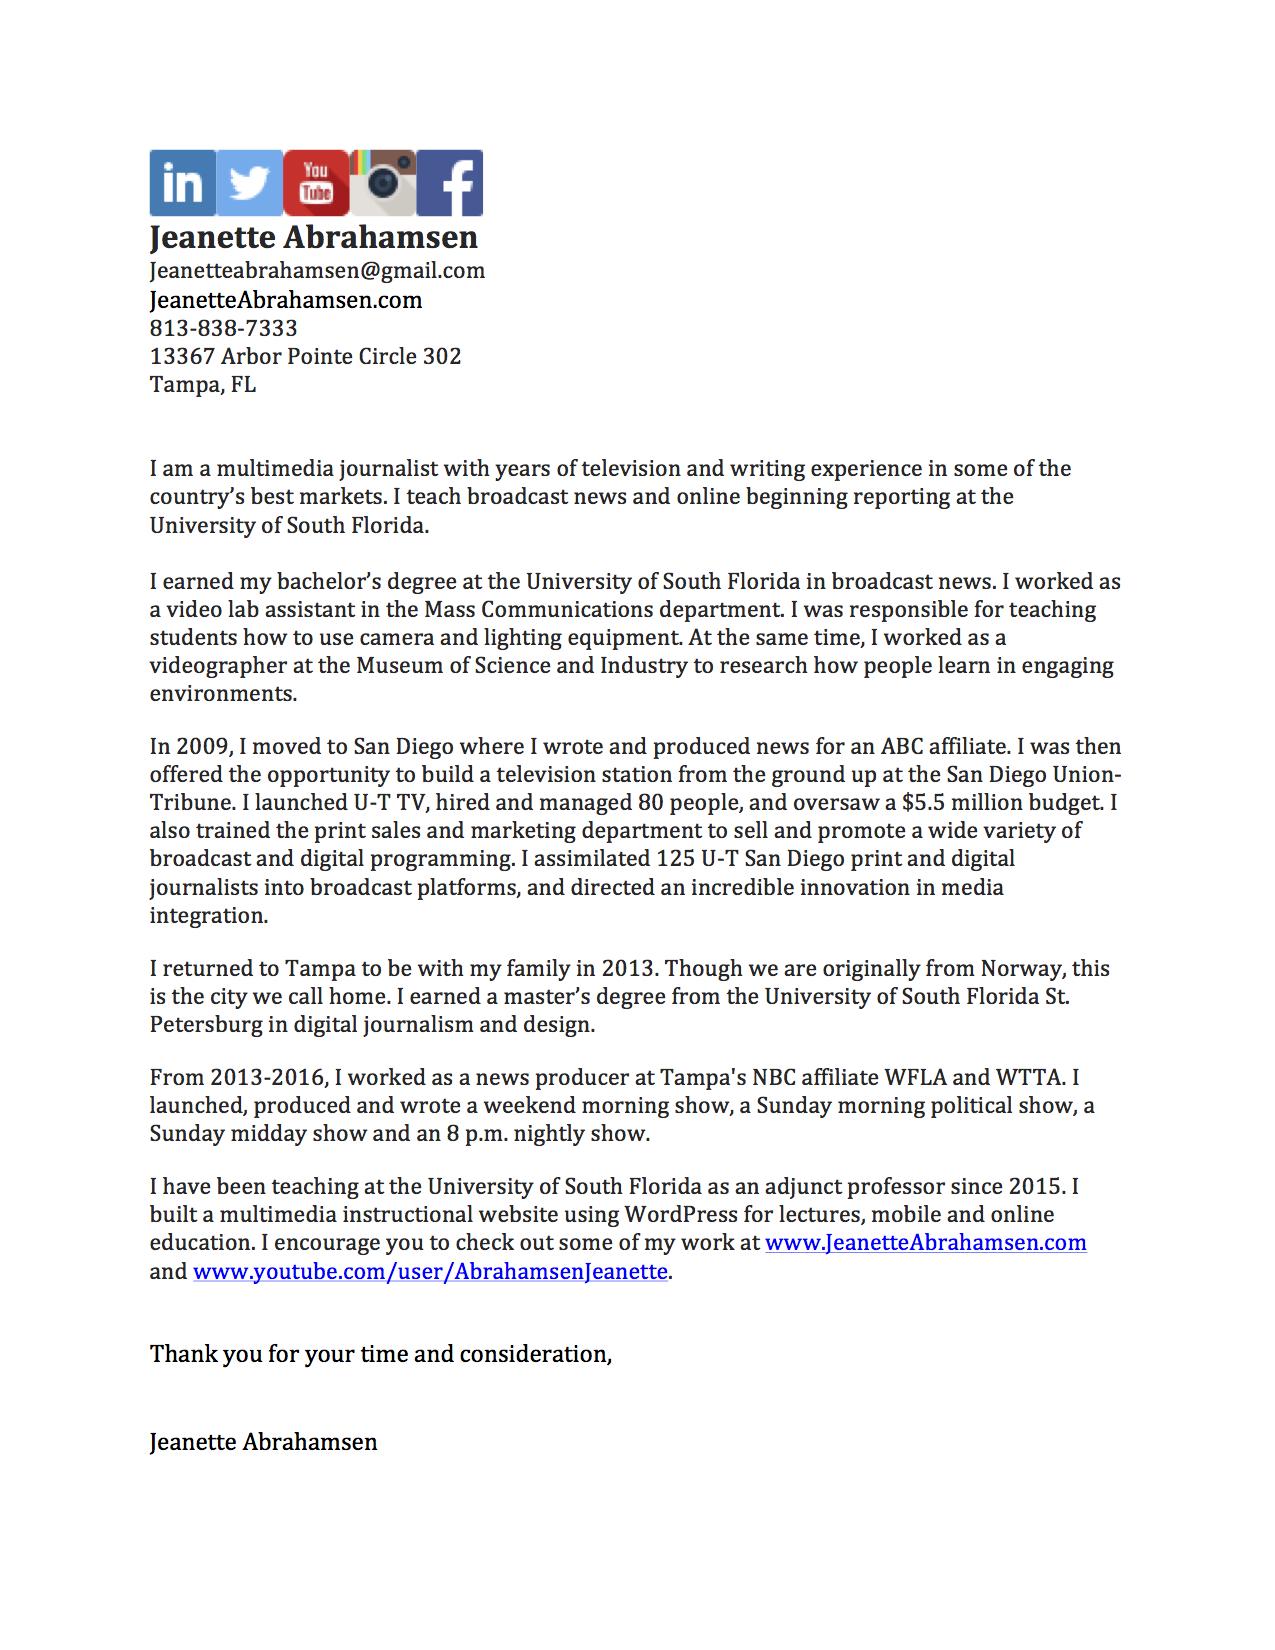 Jeanette Abrahamsen Cover Letter Example